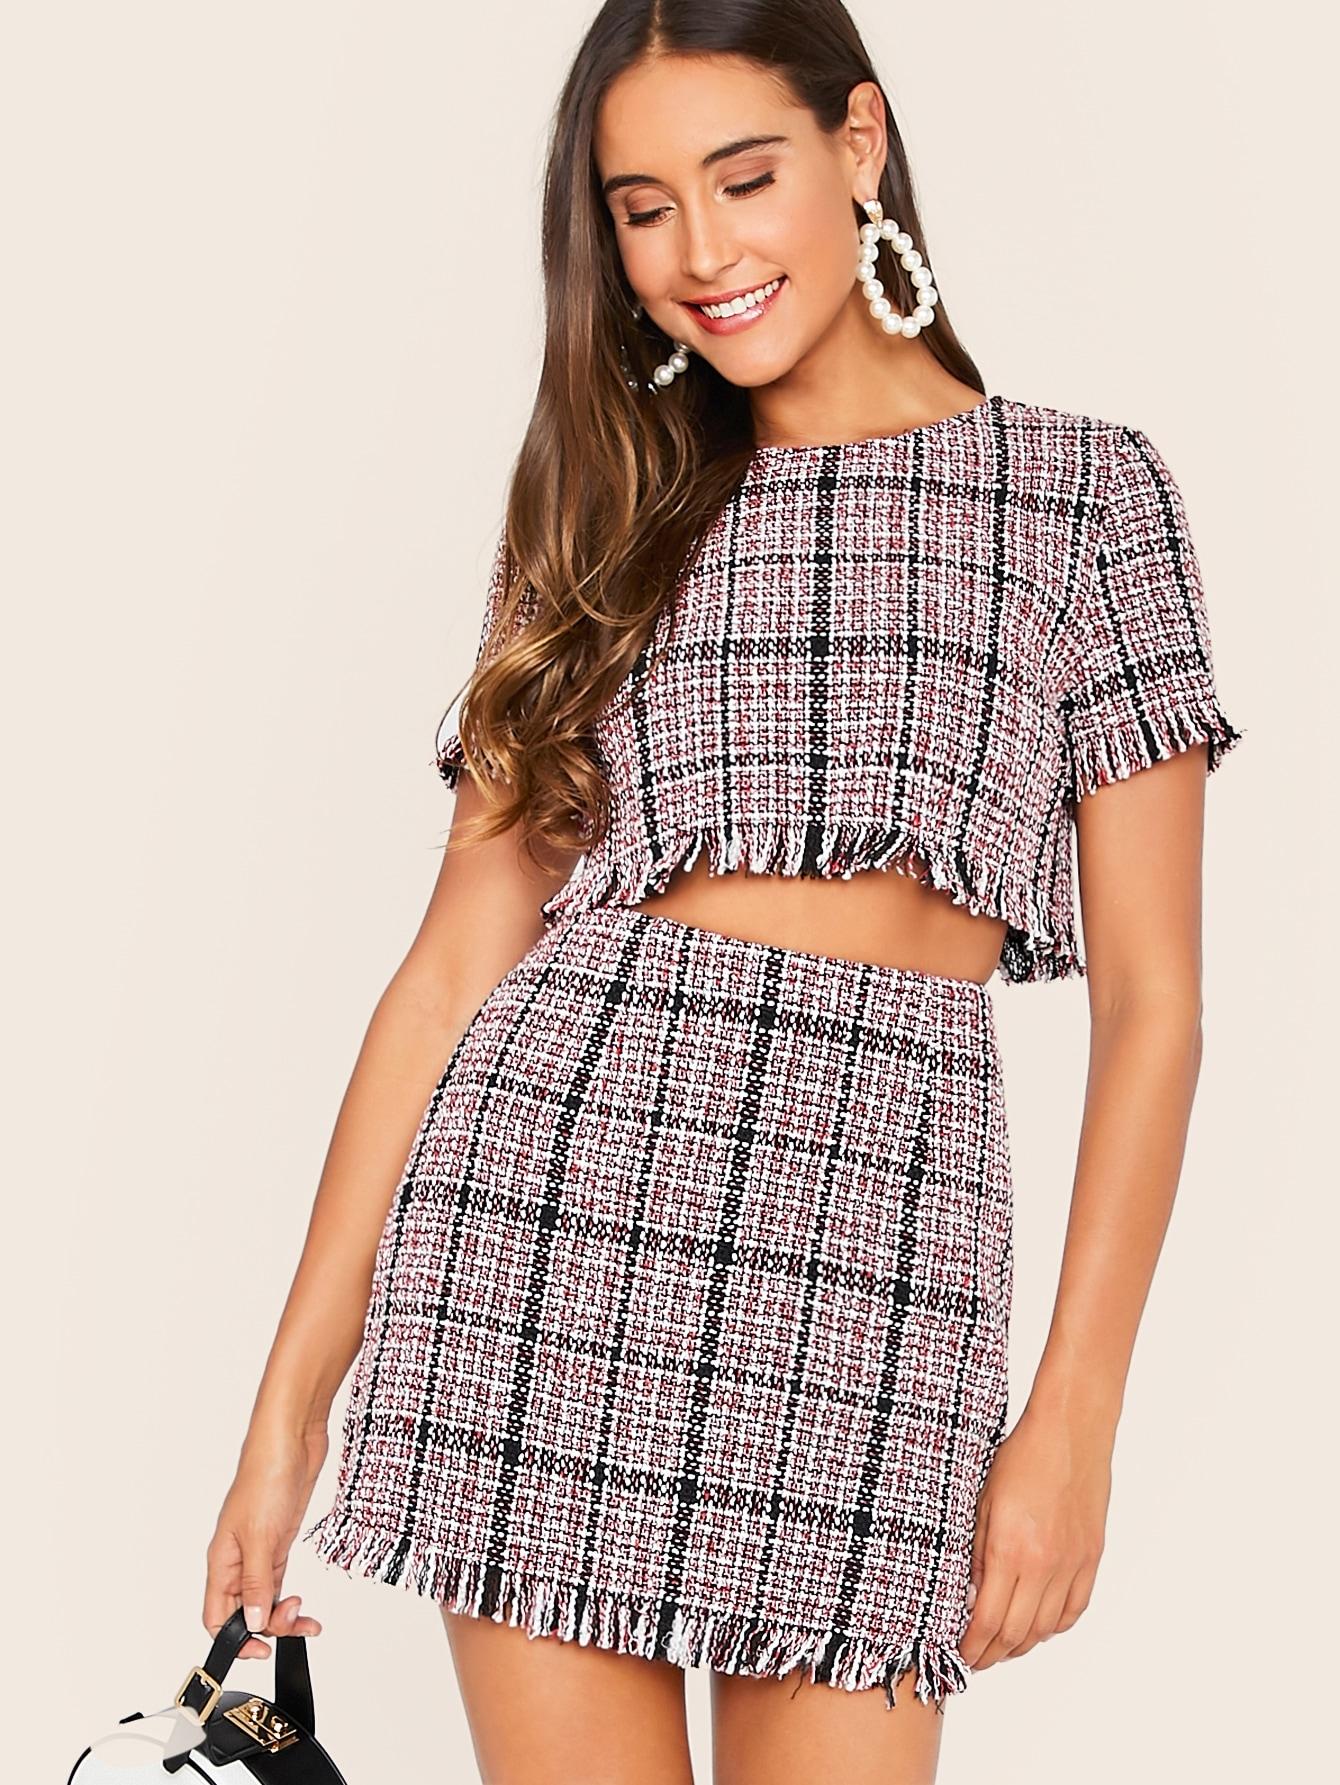 Фото - Топ с застежкой сзади, необработанным низом и юбка от SheIn цвет многоцветный